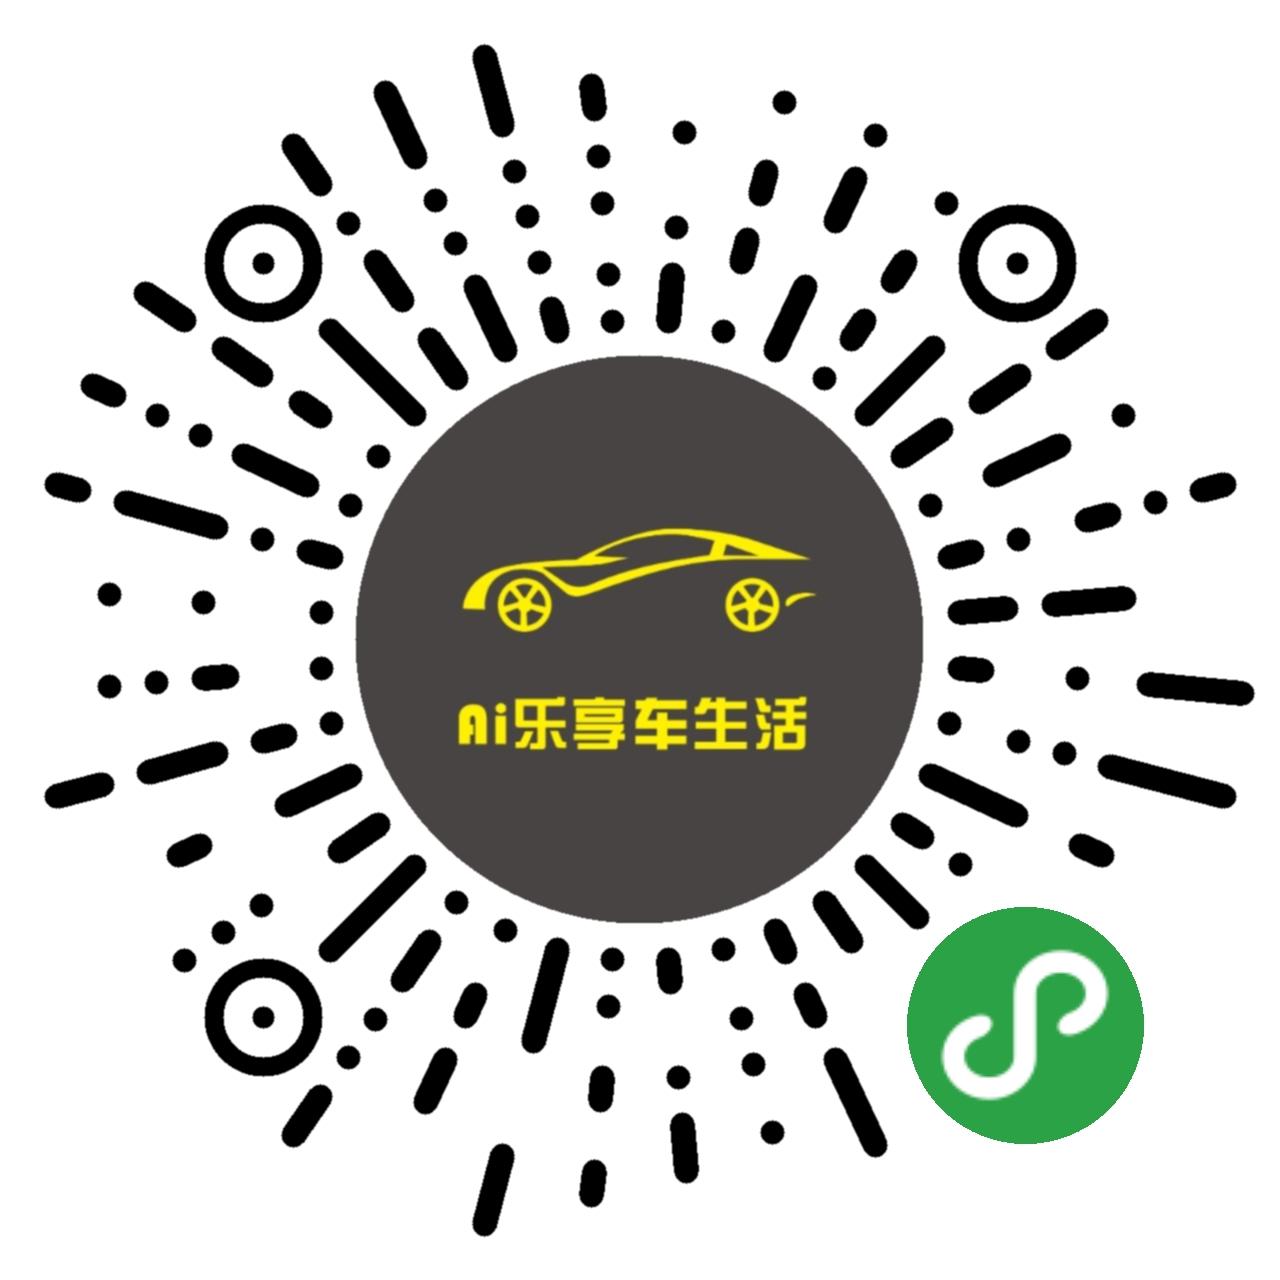 AI乐享车生活小程序二维码